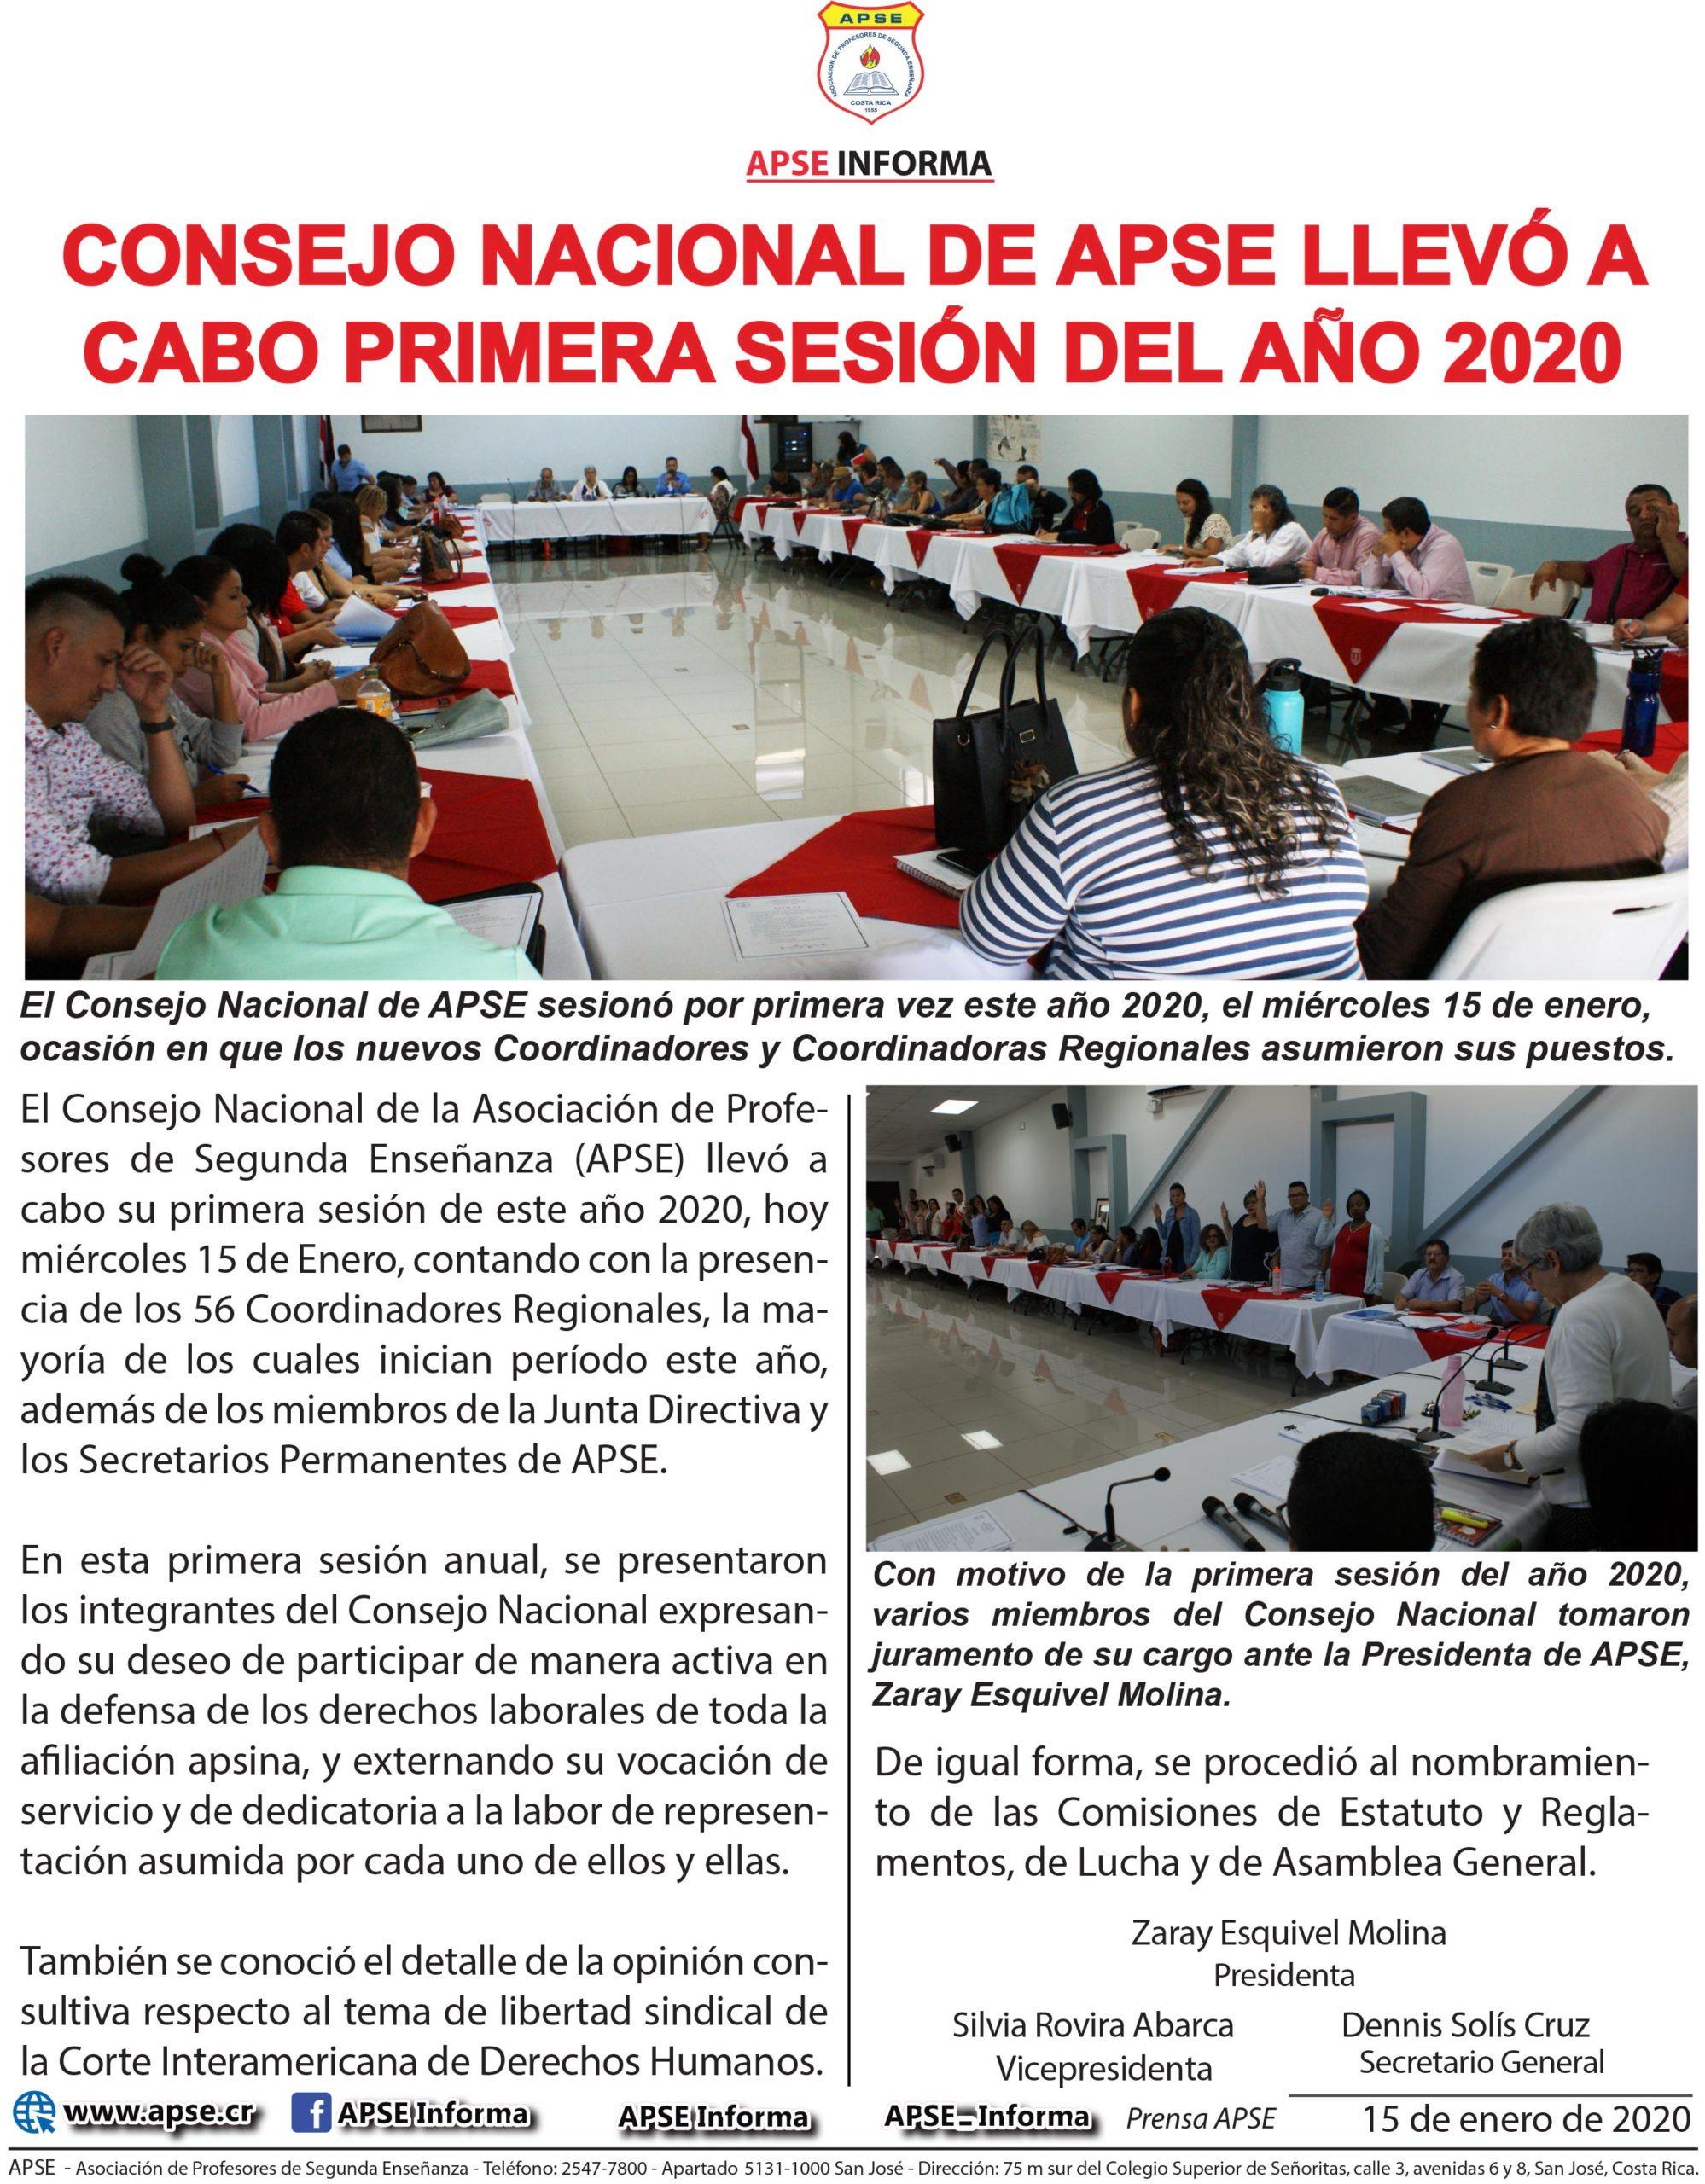 CONSEJO NACIONAL DE APSE LLEVÓ A CABO PRIMERA SESIÓN DEL AÑO 2020